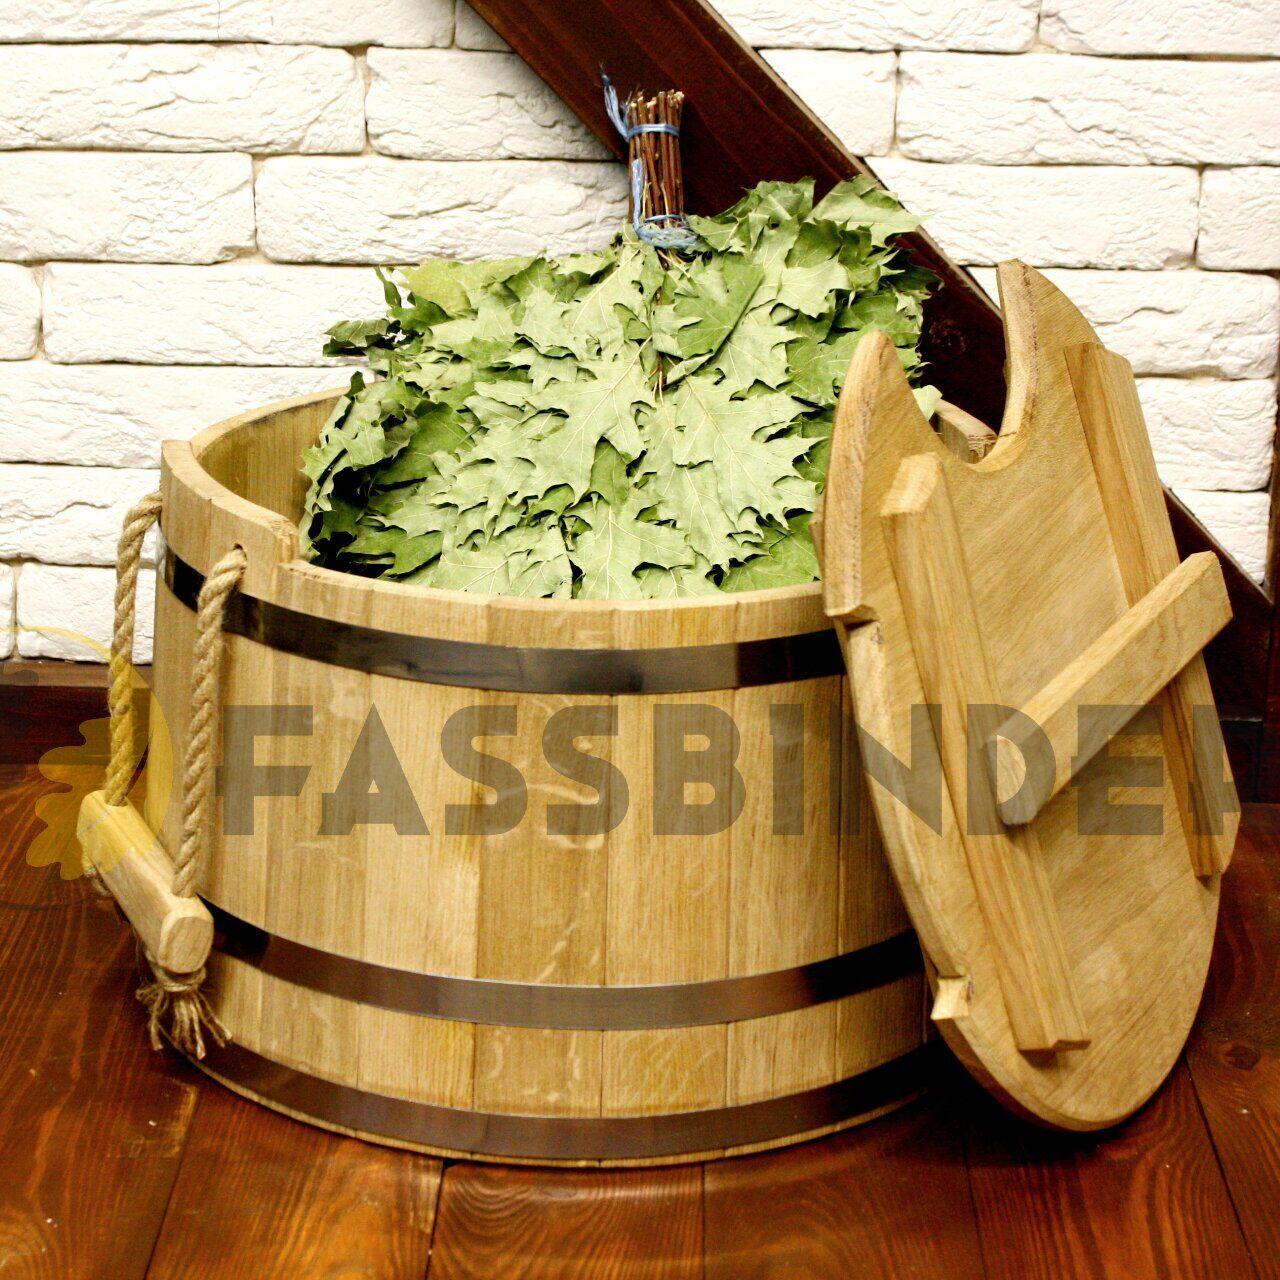 Запарник для веников дубовый 20л Fassbinder™ die authentische Gestaltung